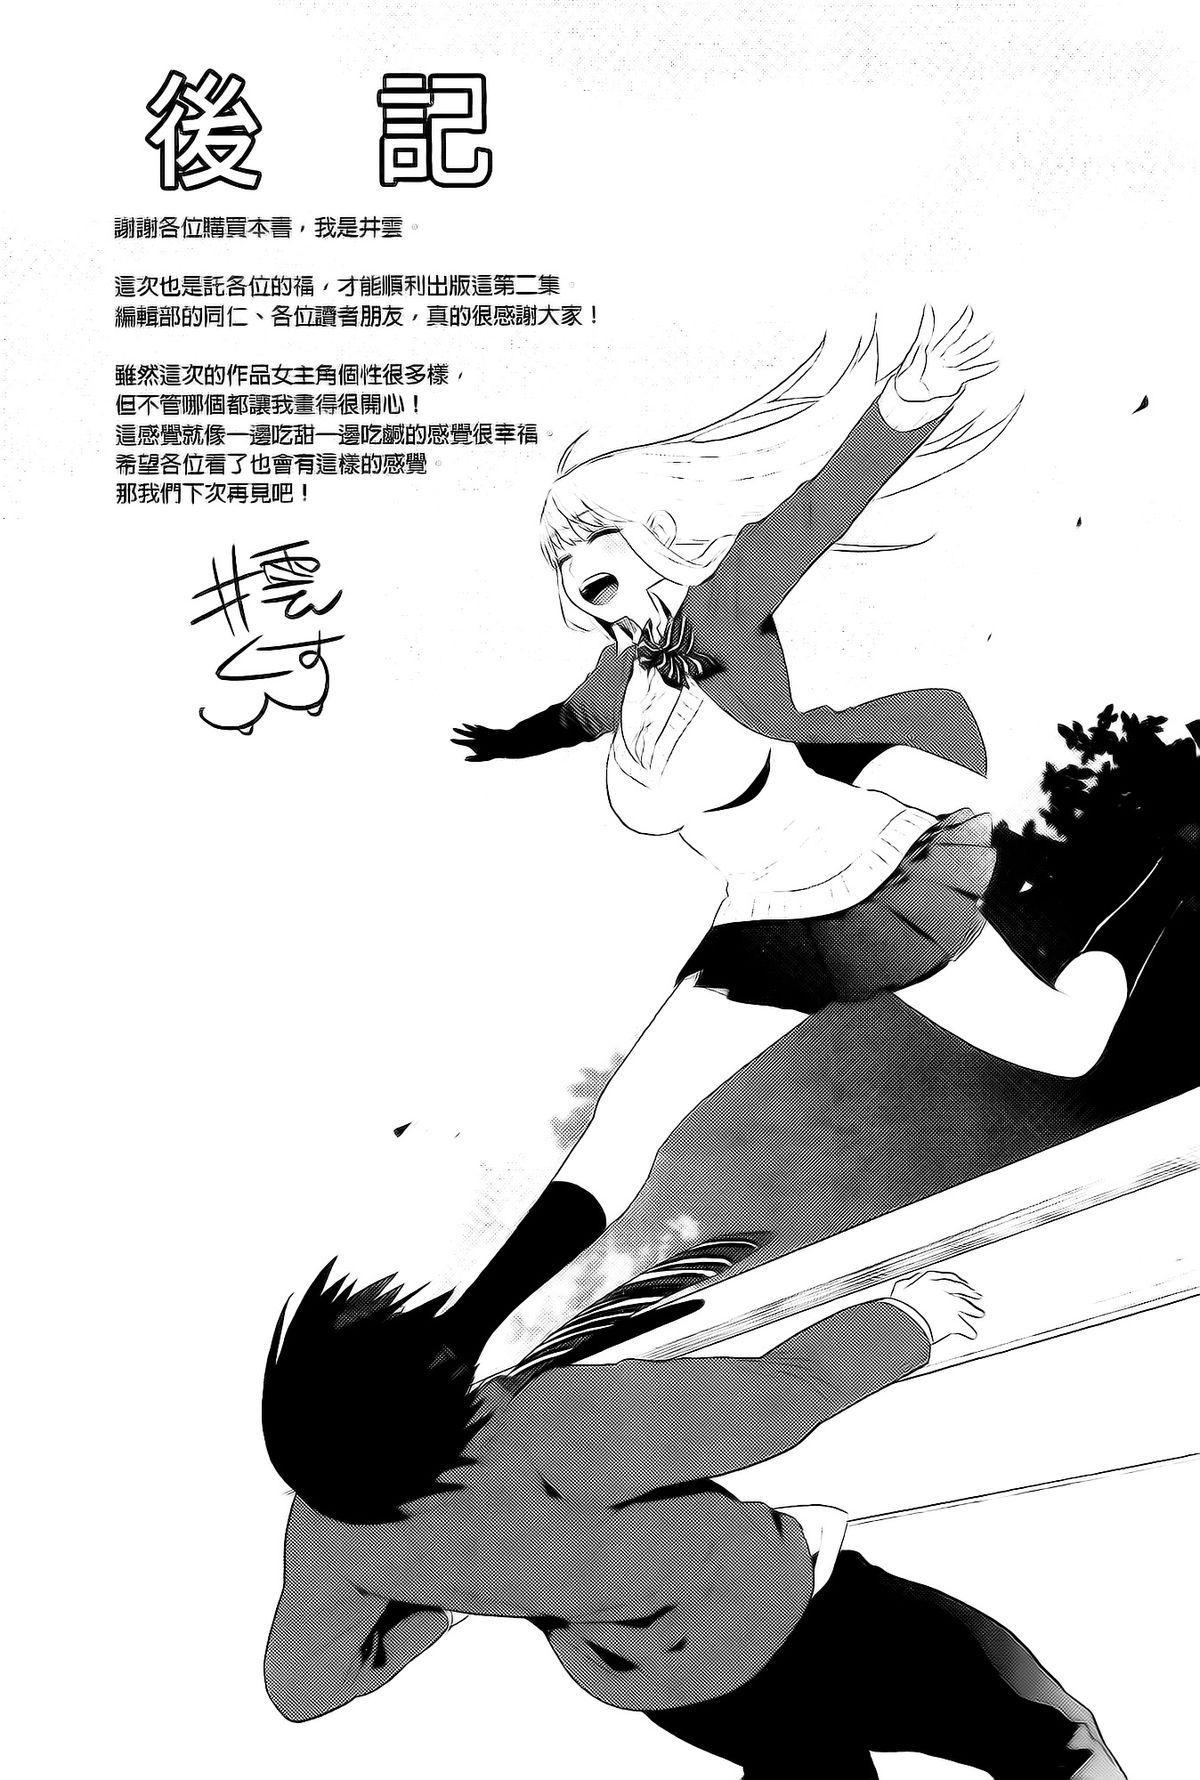 Boku Dake no Yuuyami 202